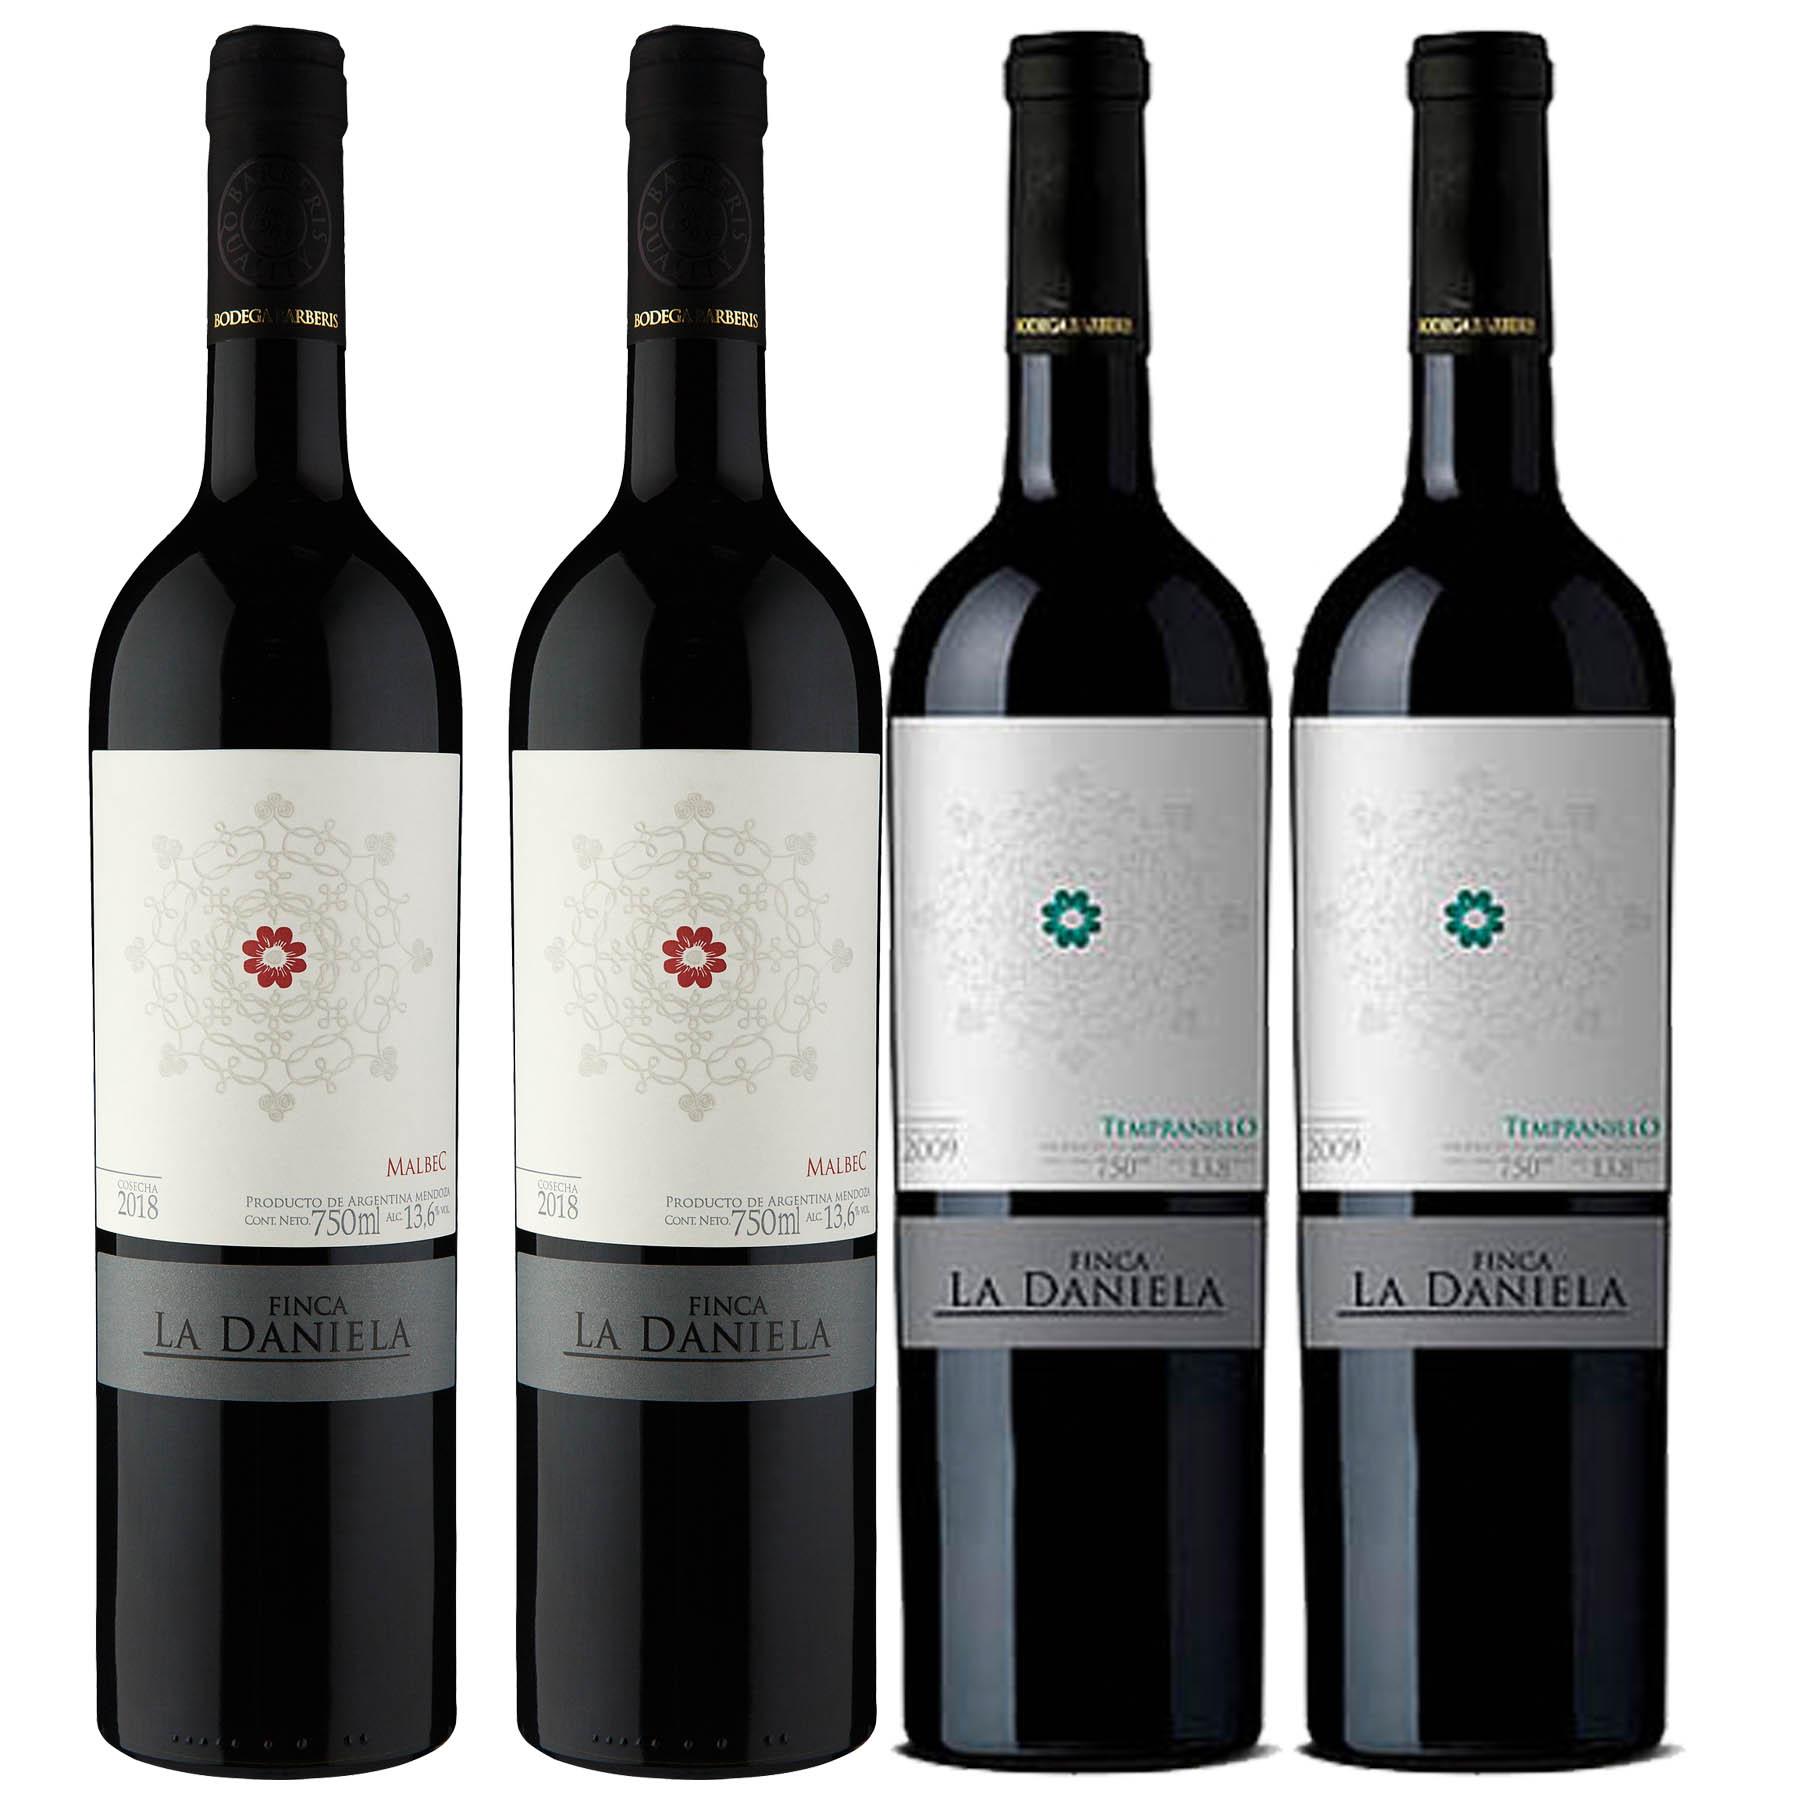 Kit 4 Vinho Tinto Argentino Finca La Daniela Tempranillo/Malbec